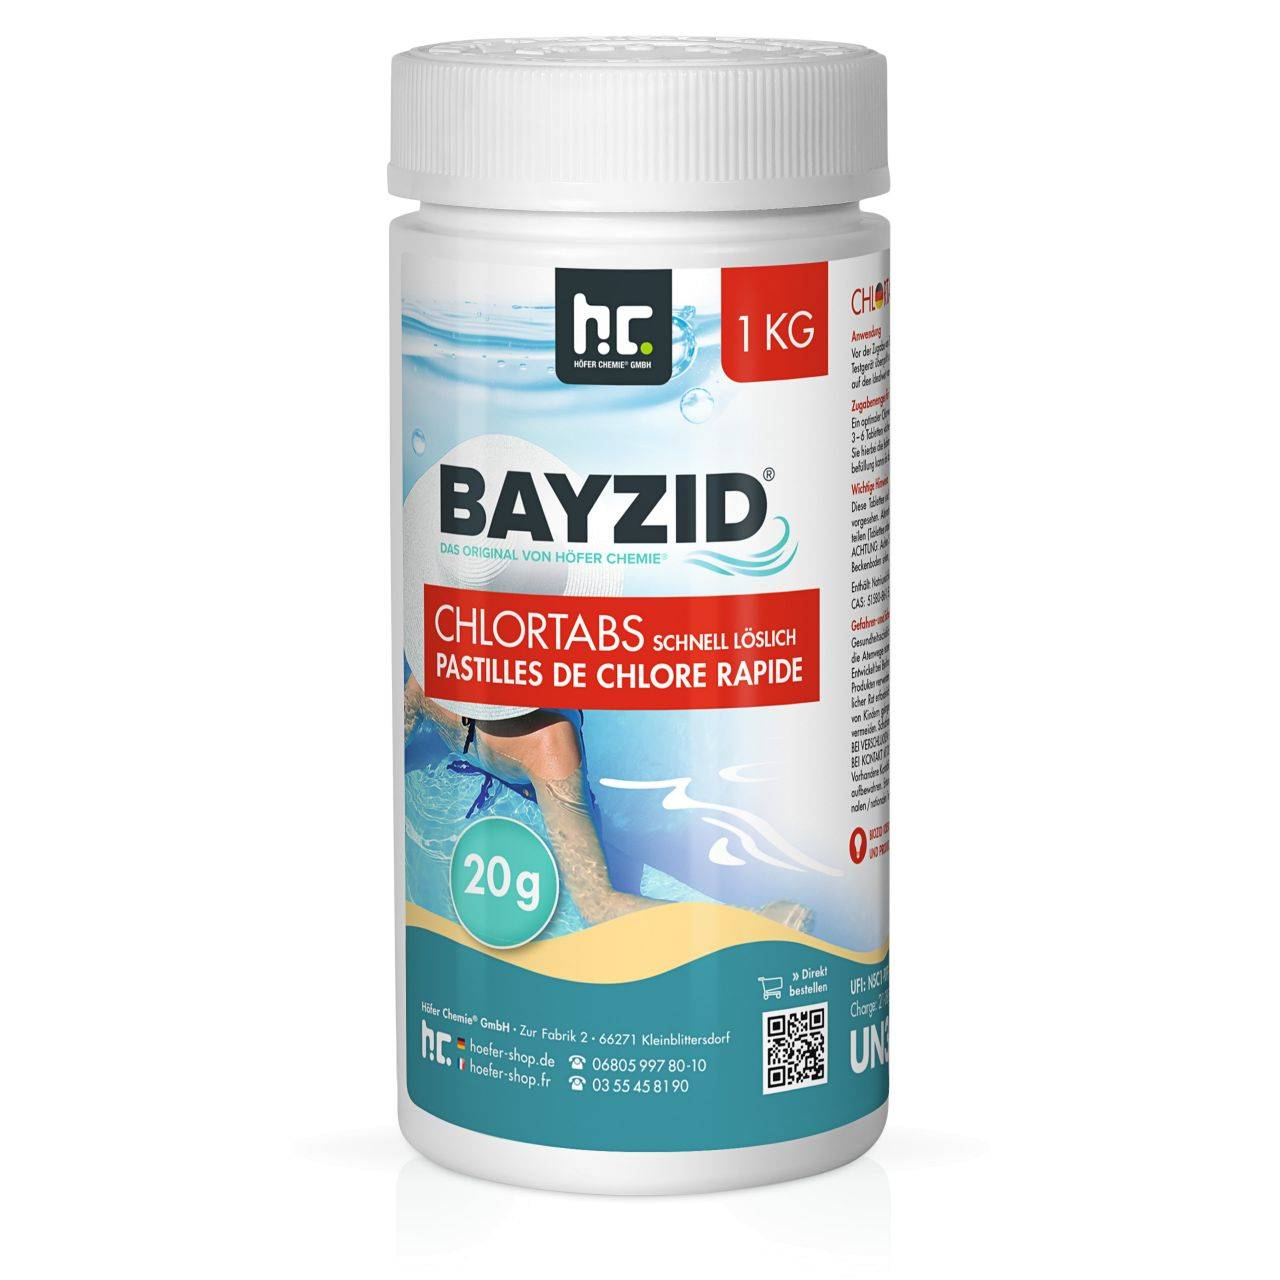 BAYZID 1 kg Bayzid® Pastilles de chlore choc (20g) (1 x 1 kg)